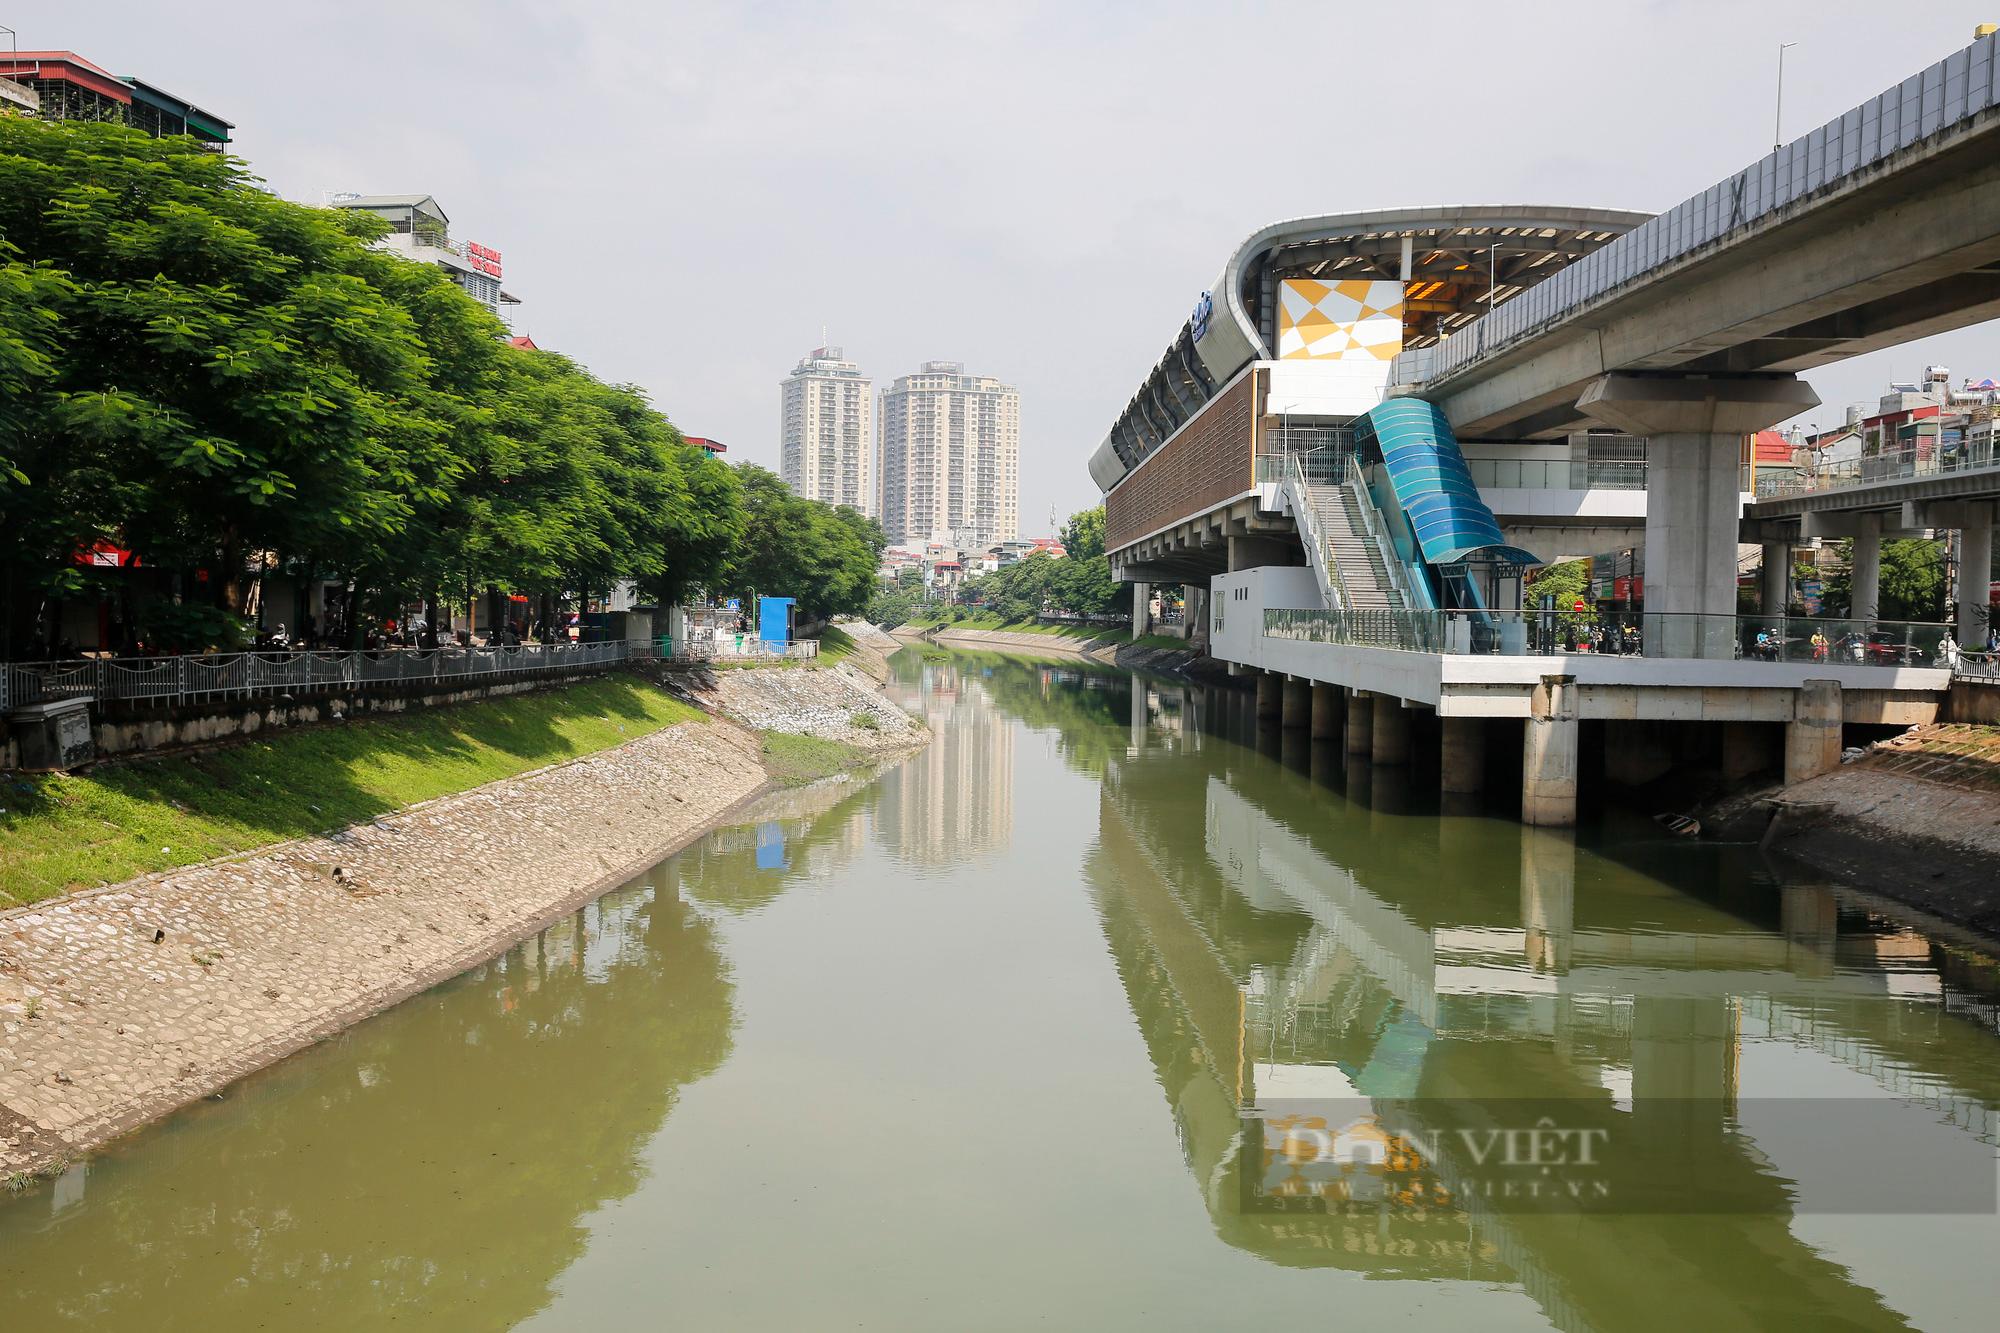 Vẻ đẹp khác lạ của con sông ô nhiễm nhất Hà Nội sau khi đổi màu nước - Ảnh 4.